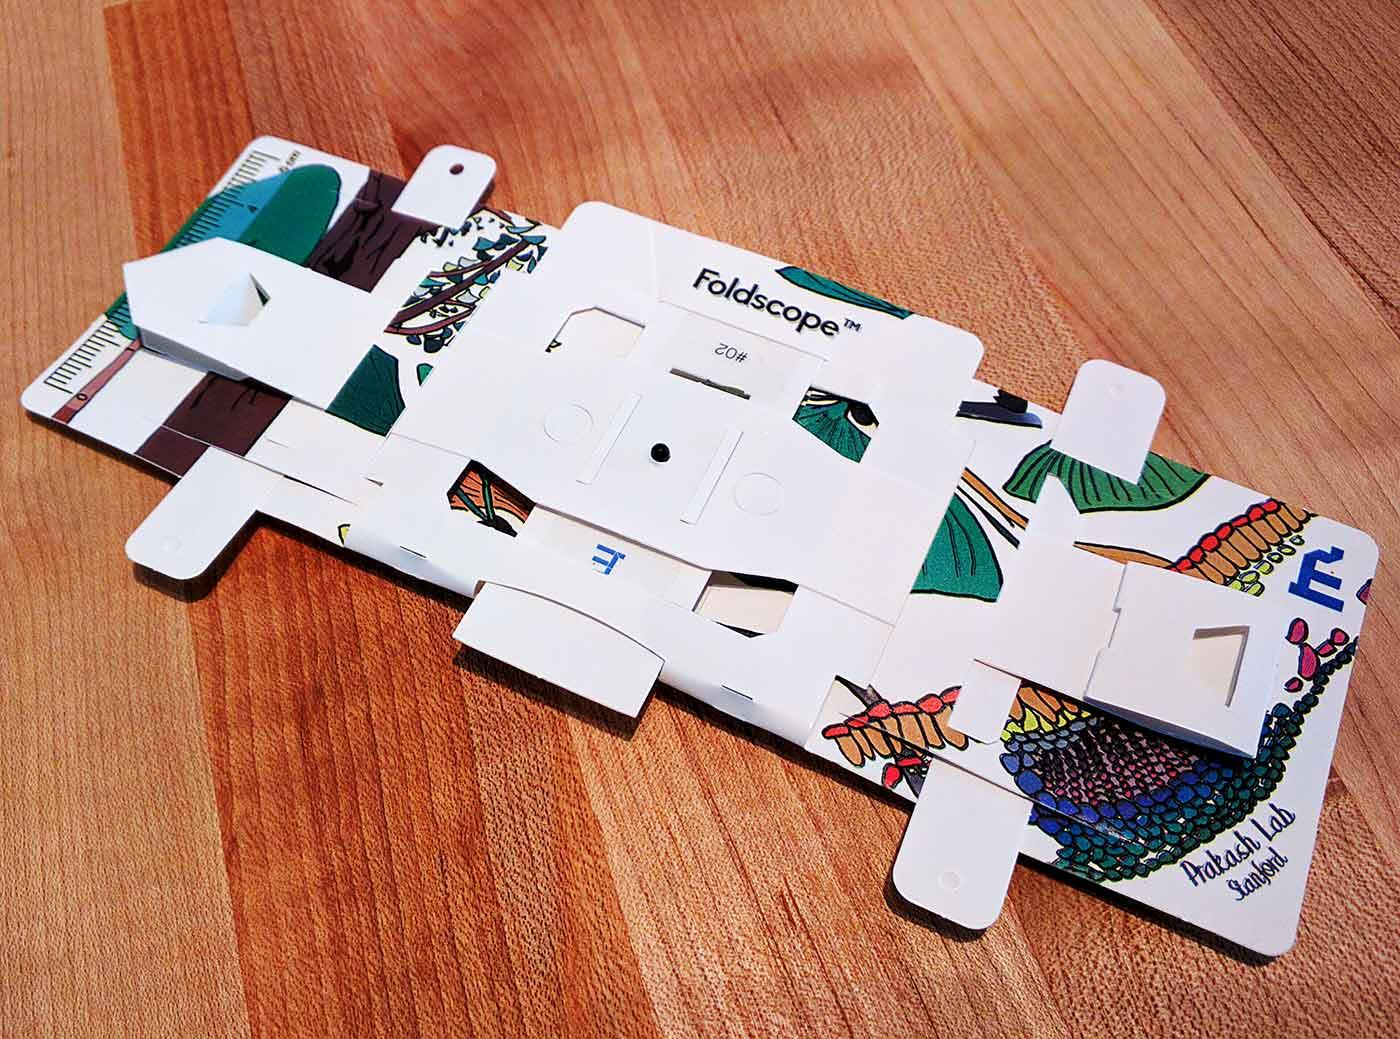 Foldscope assembled